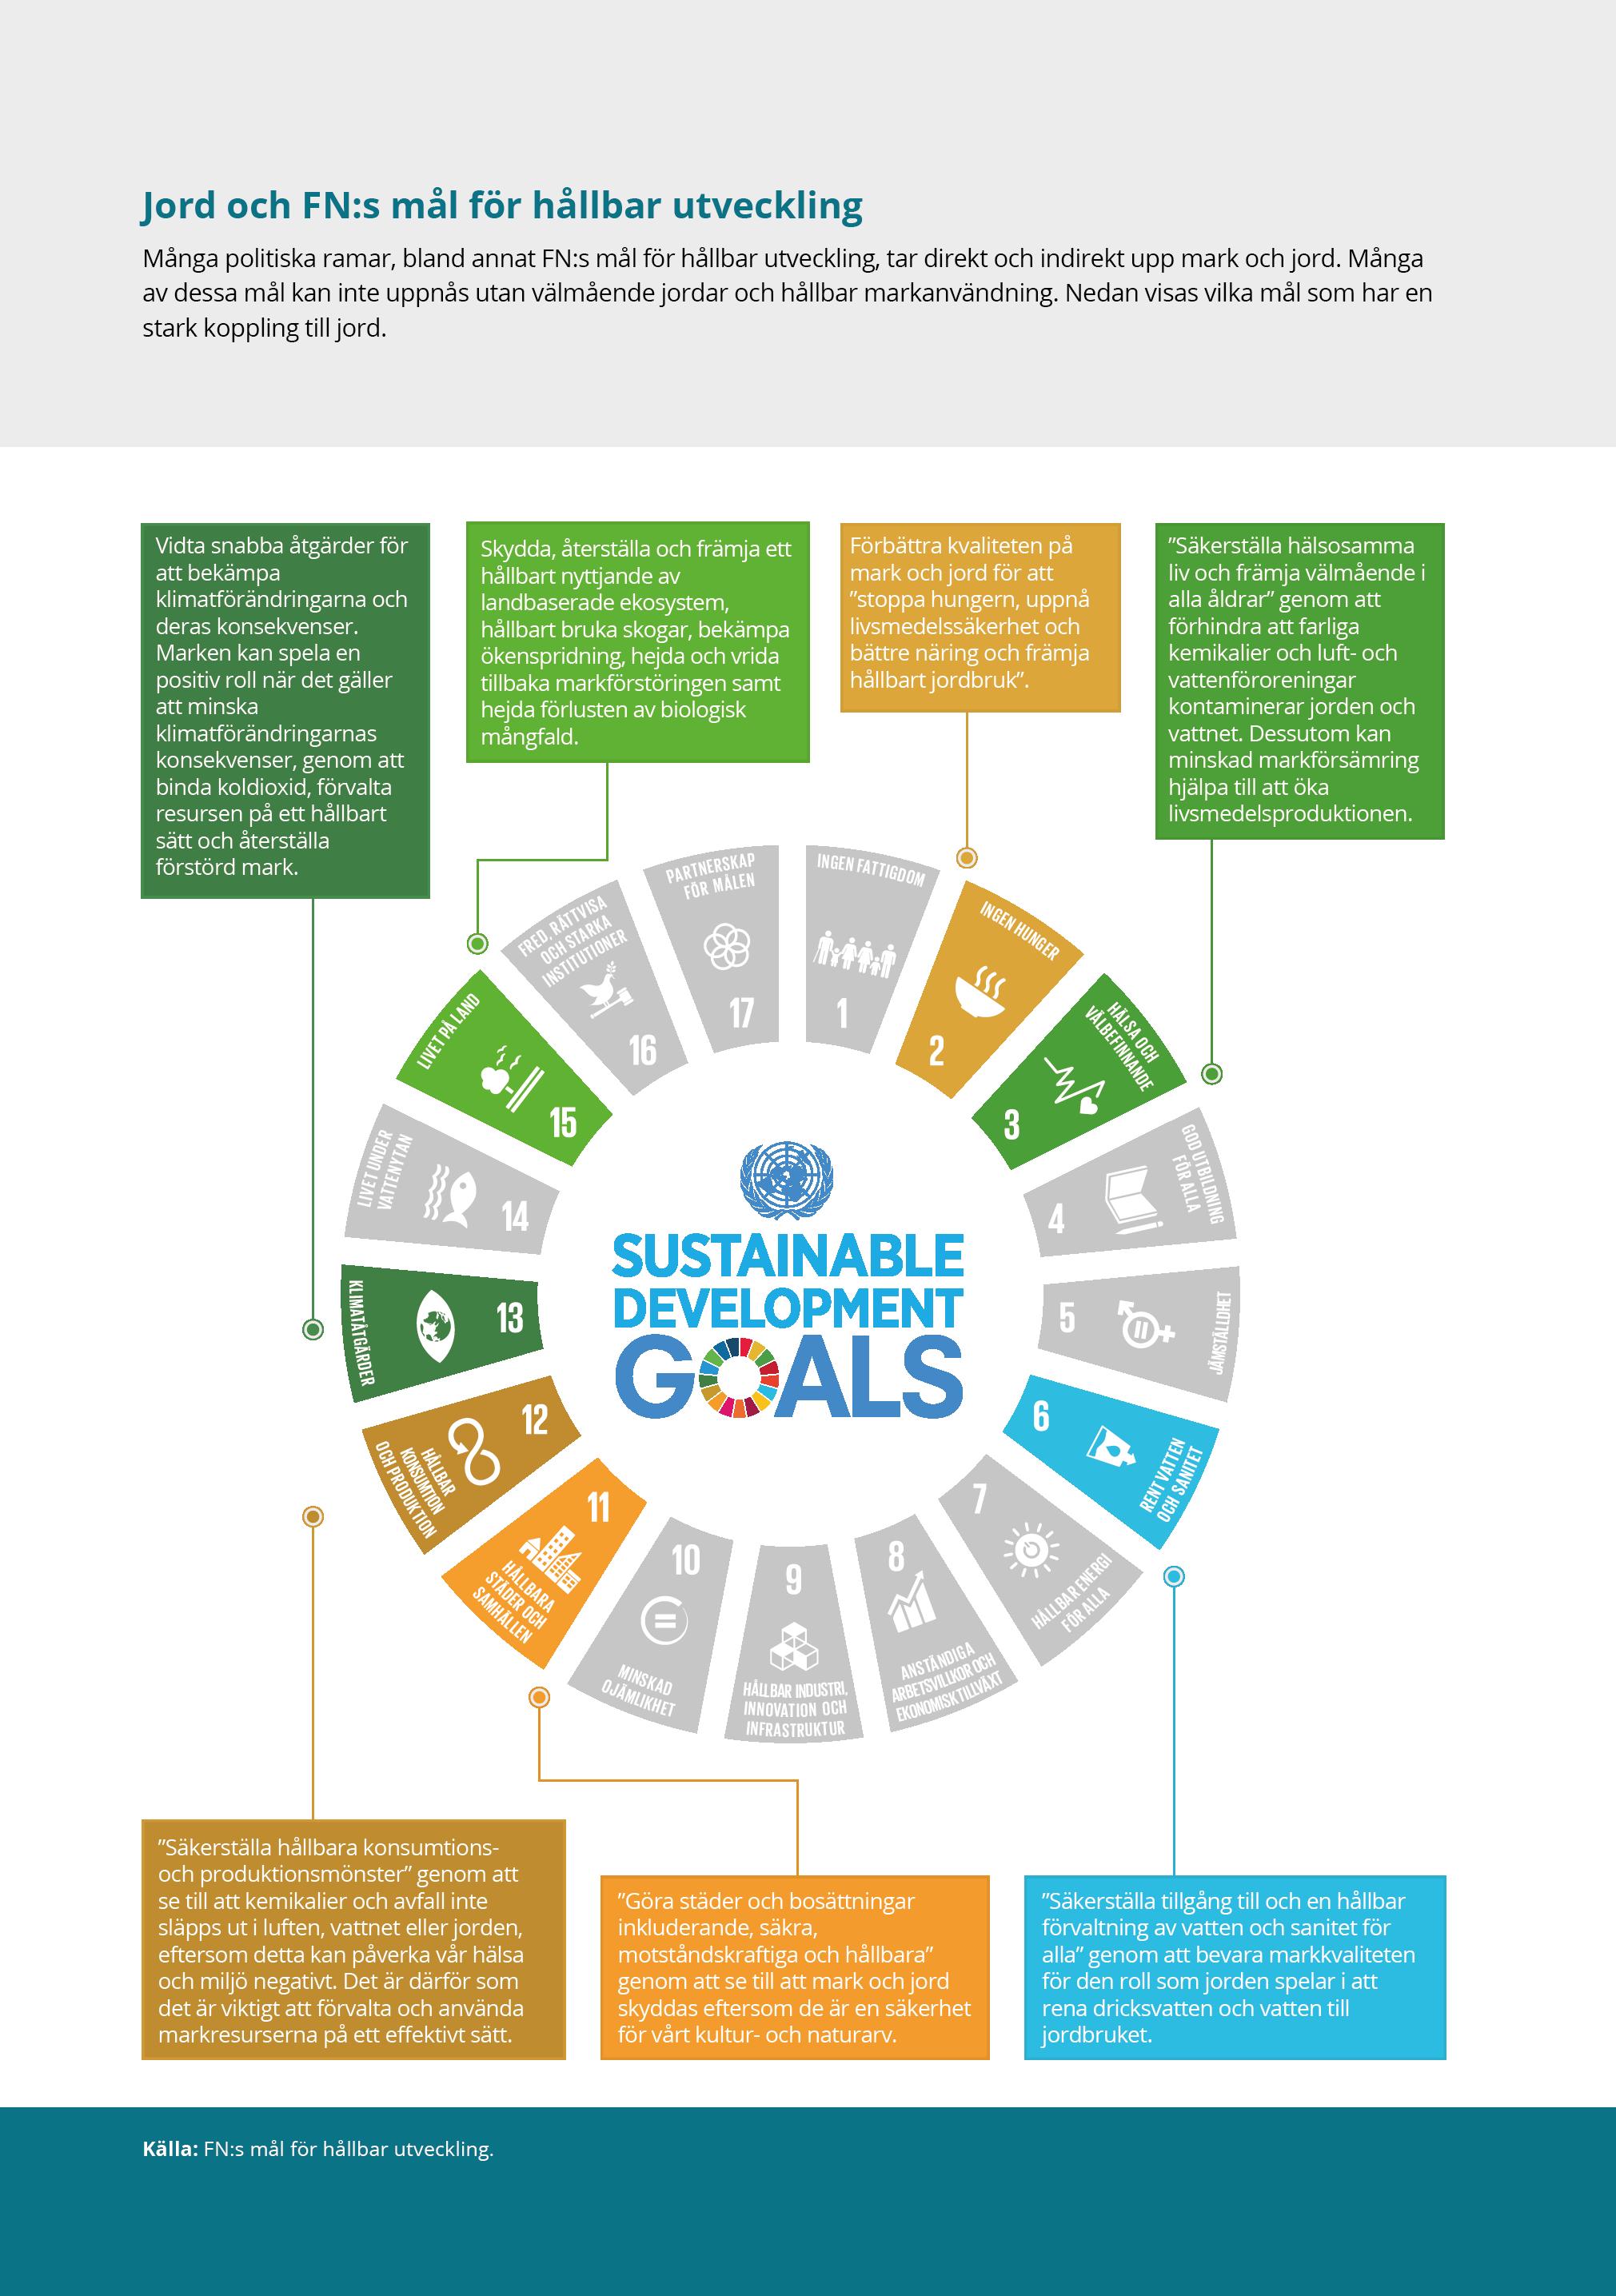 Jord och FN:s mål för hållbar utveckling